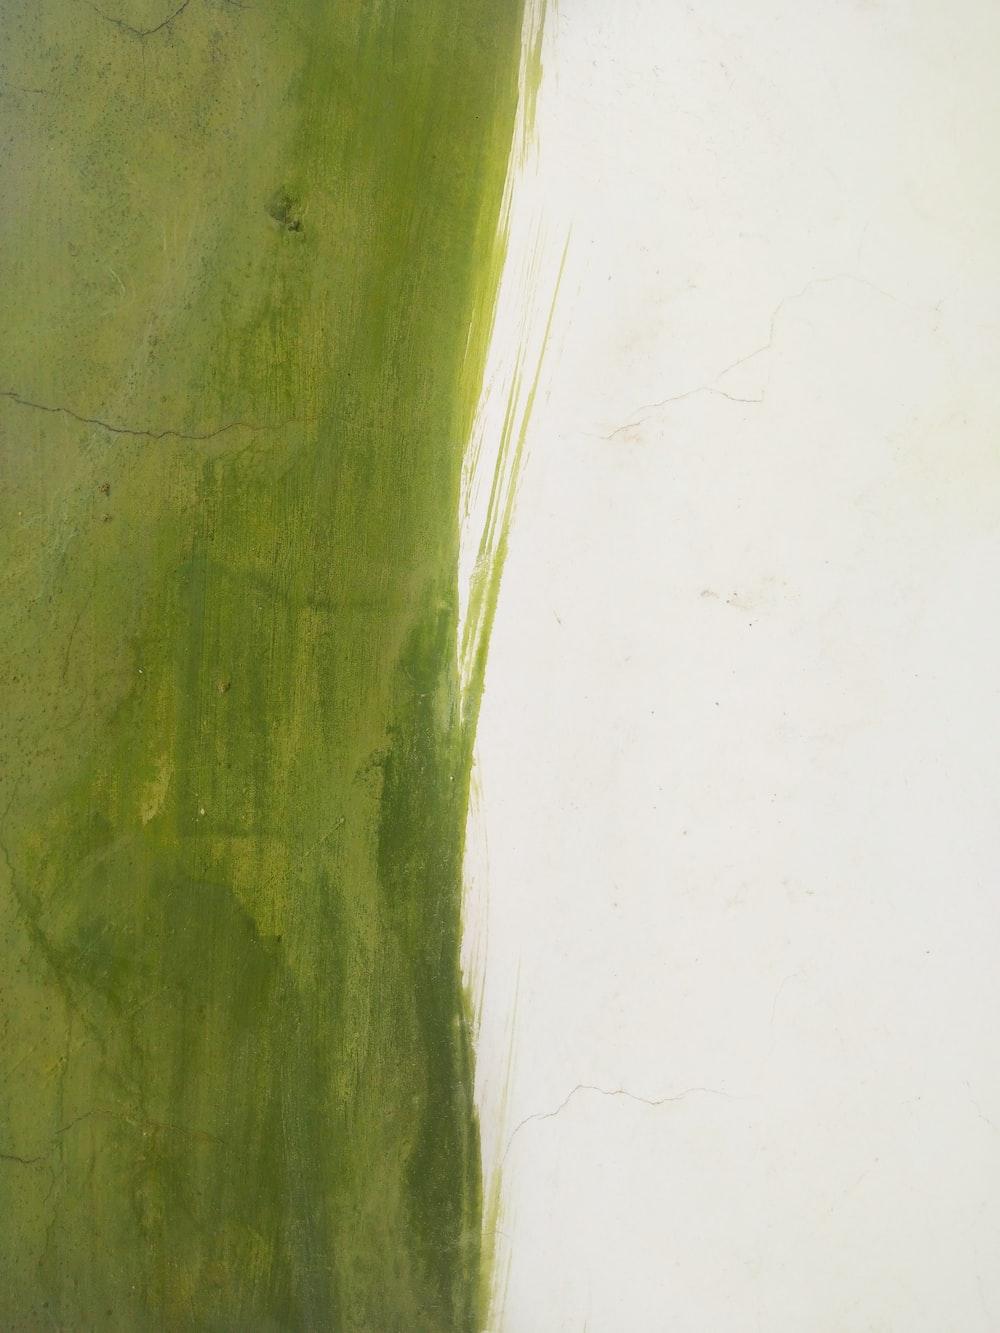 green brush stroke on white surface